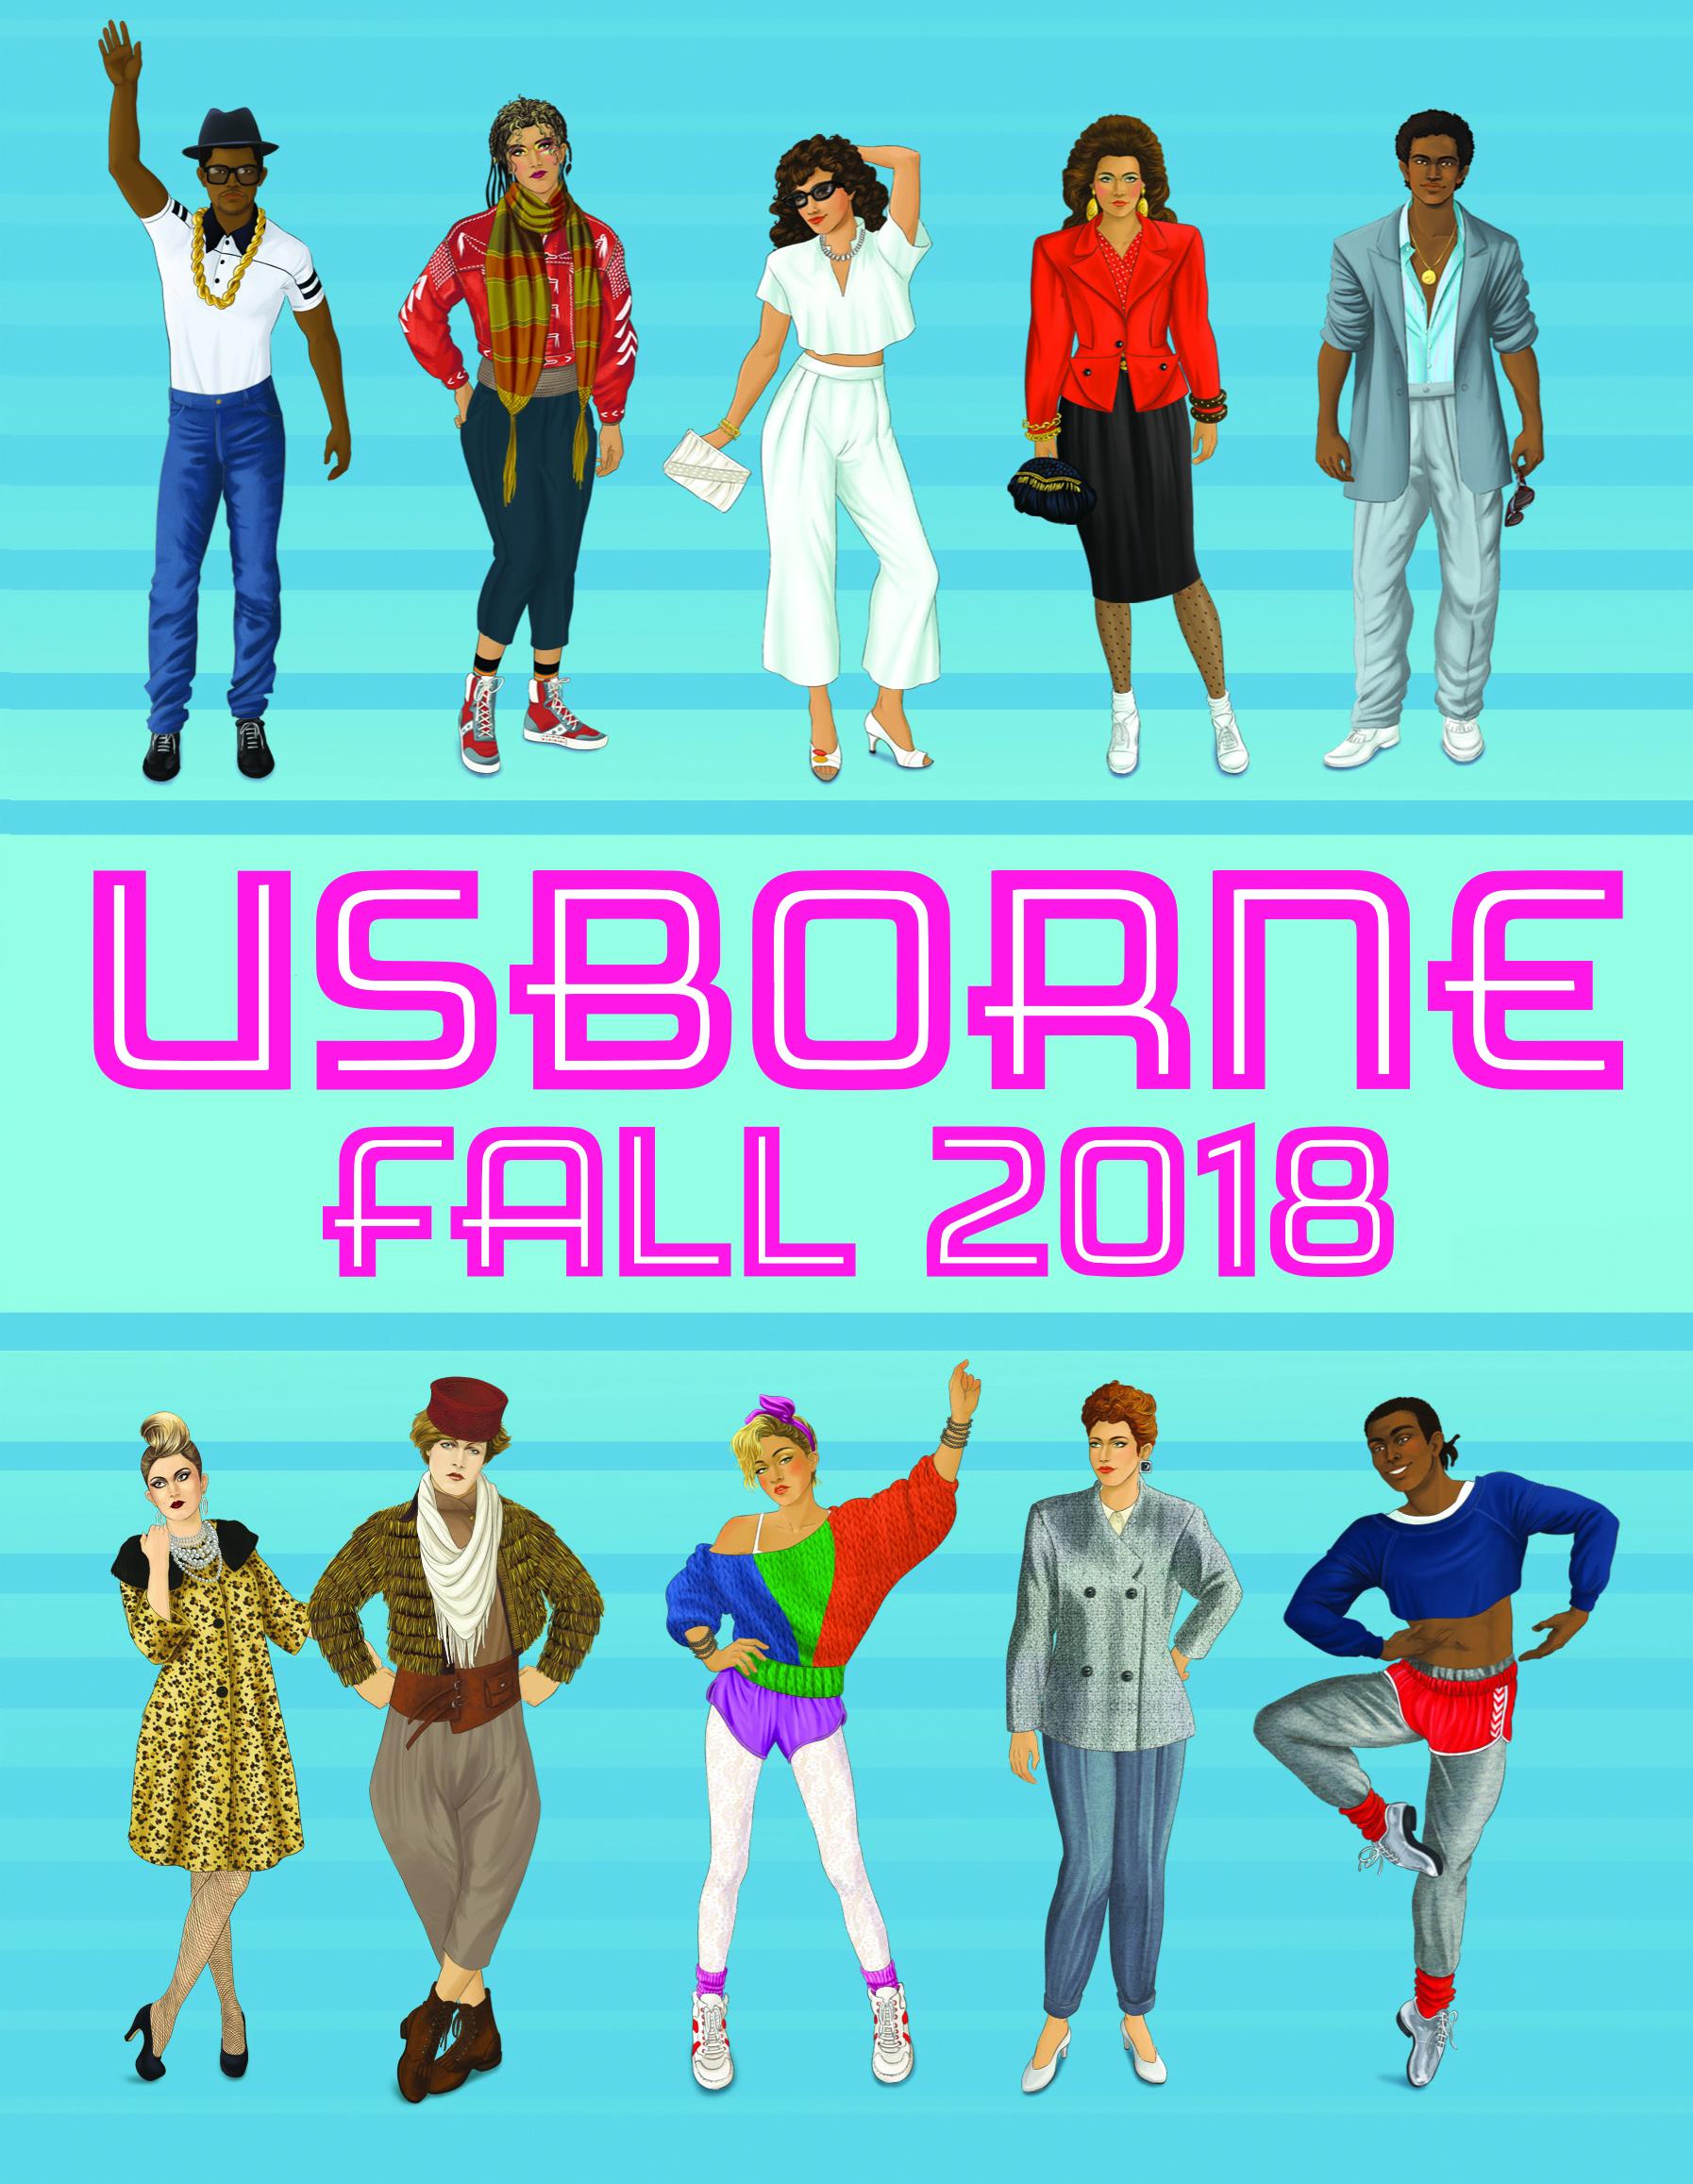 F18-Usborne-Cover2